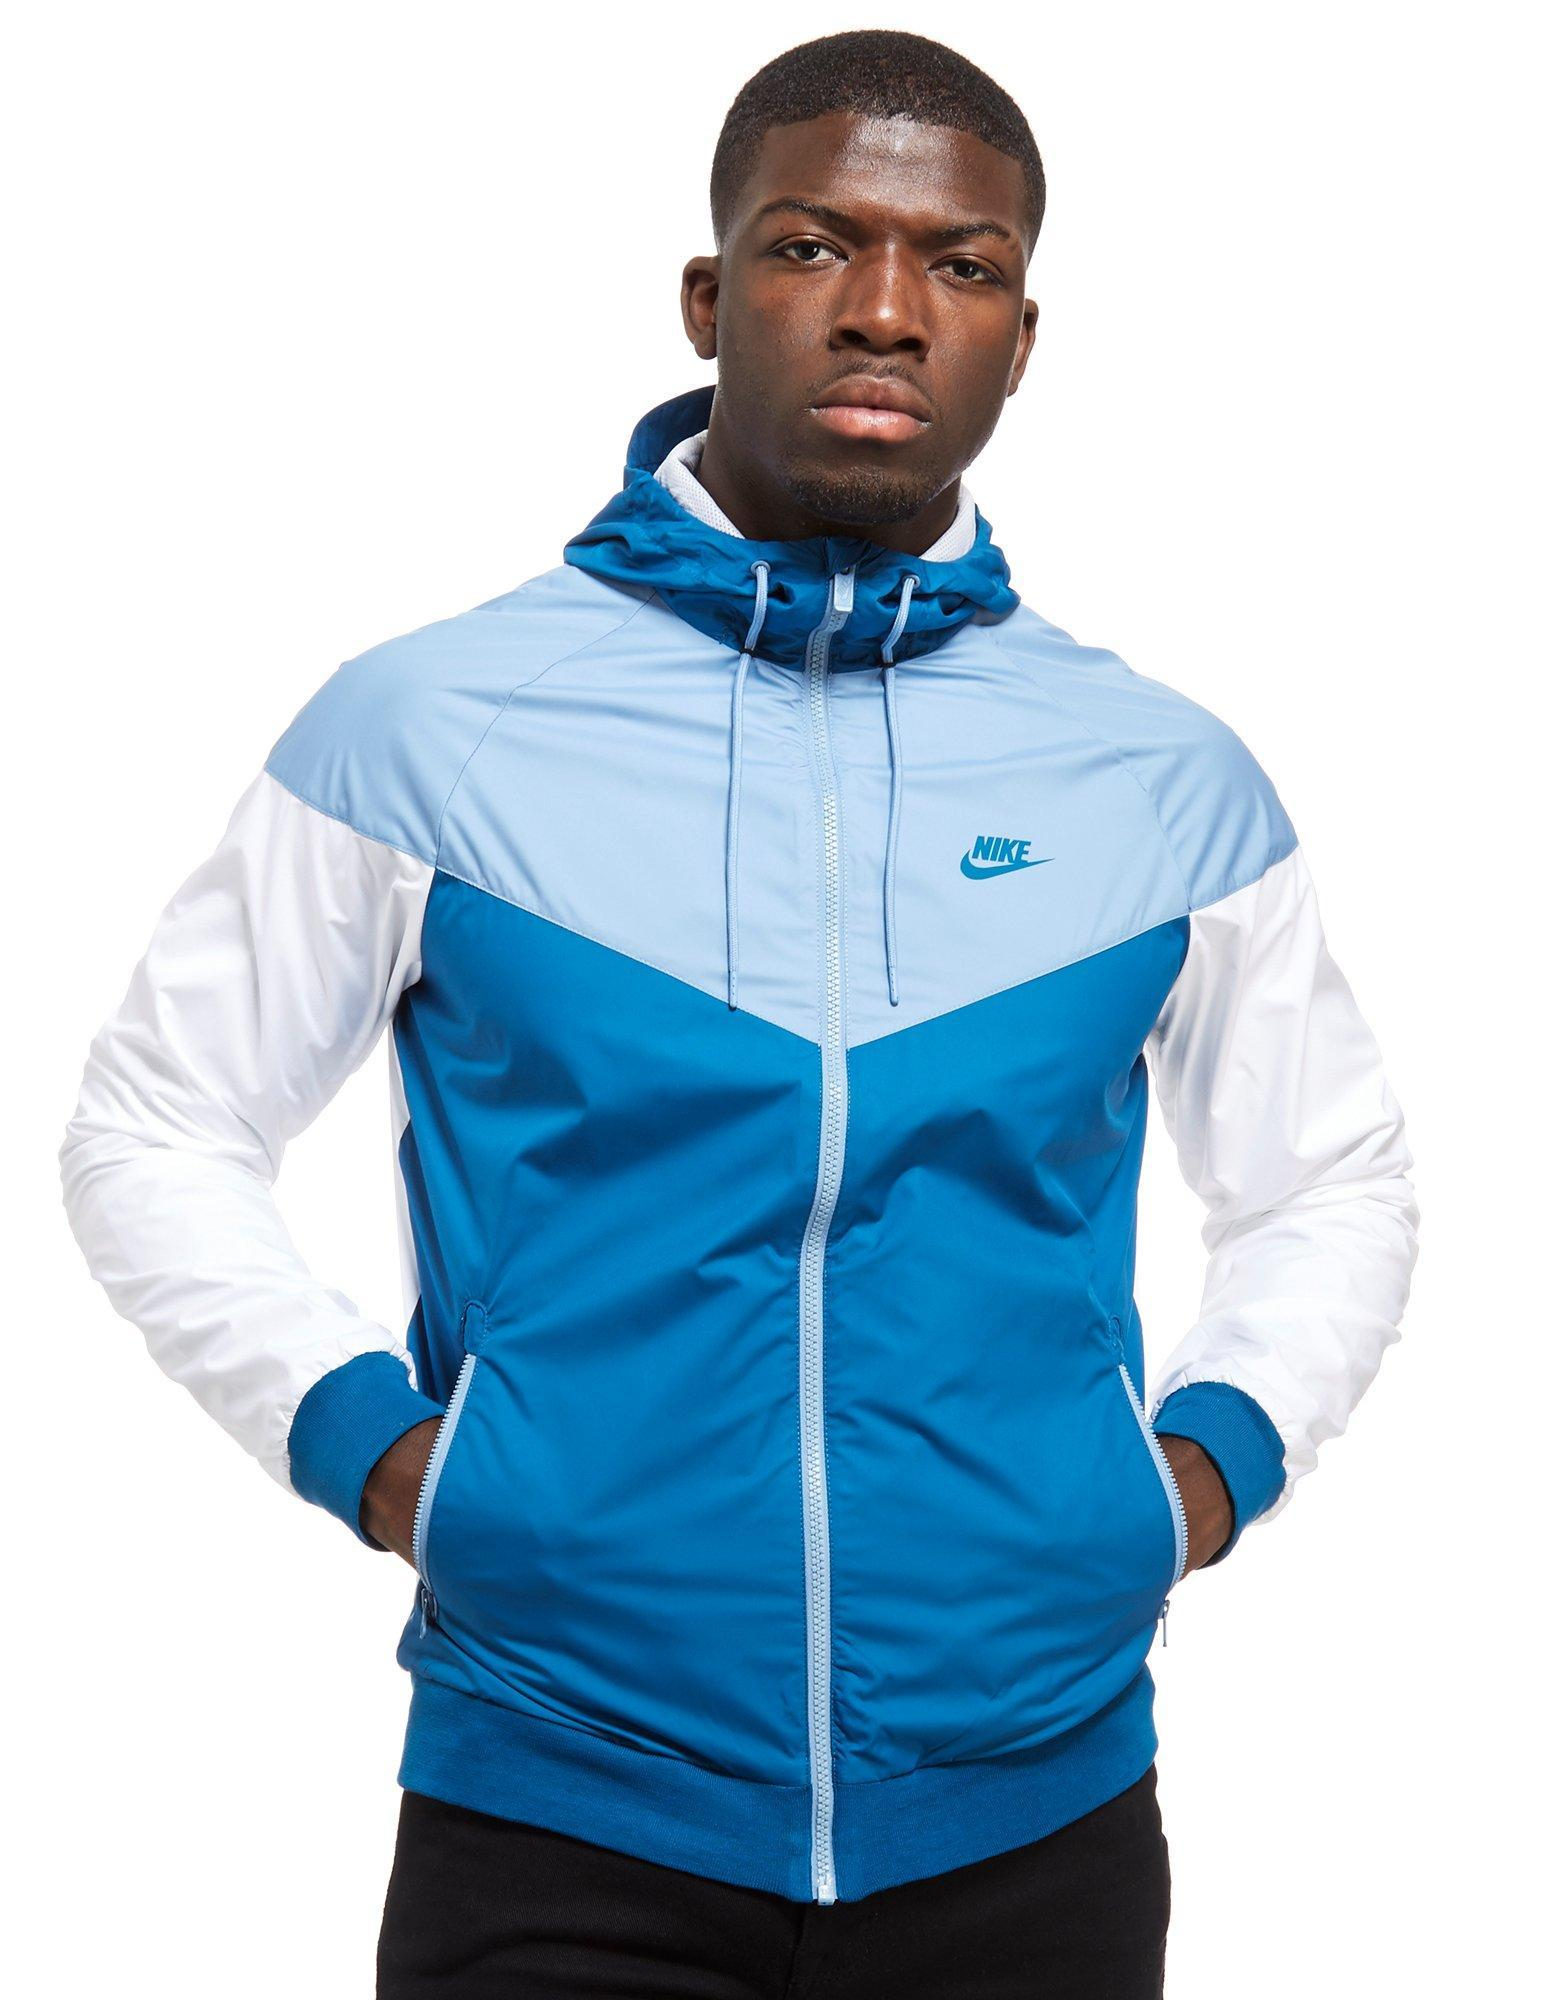 abc6127b6 Nike Windrunner Jacket in Blue for Men - Lyst